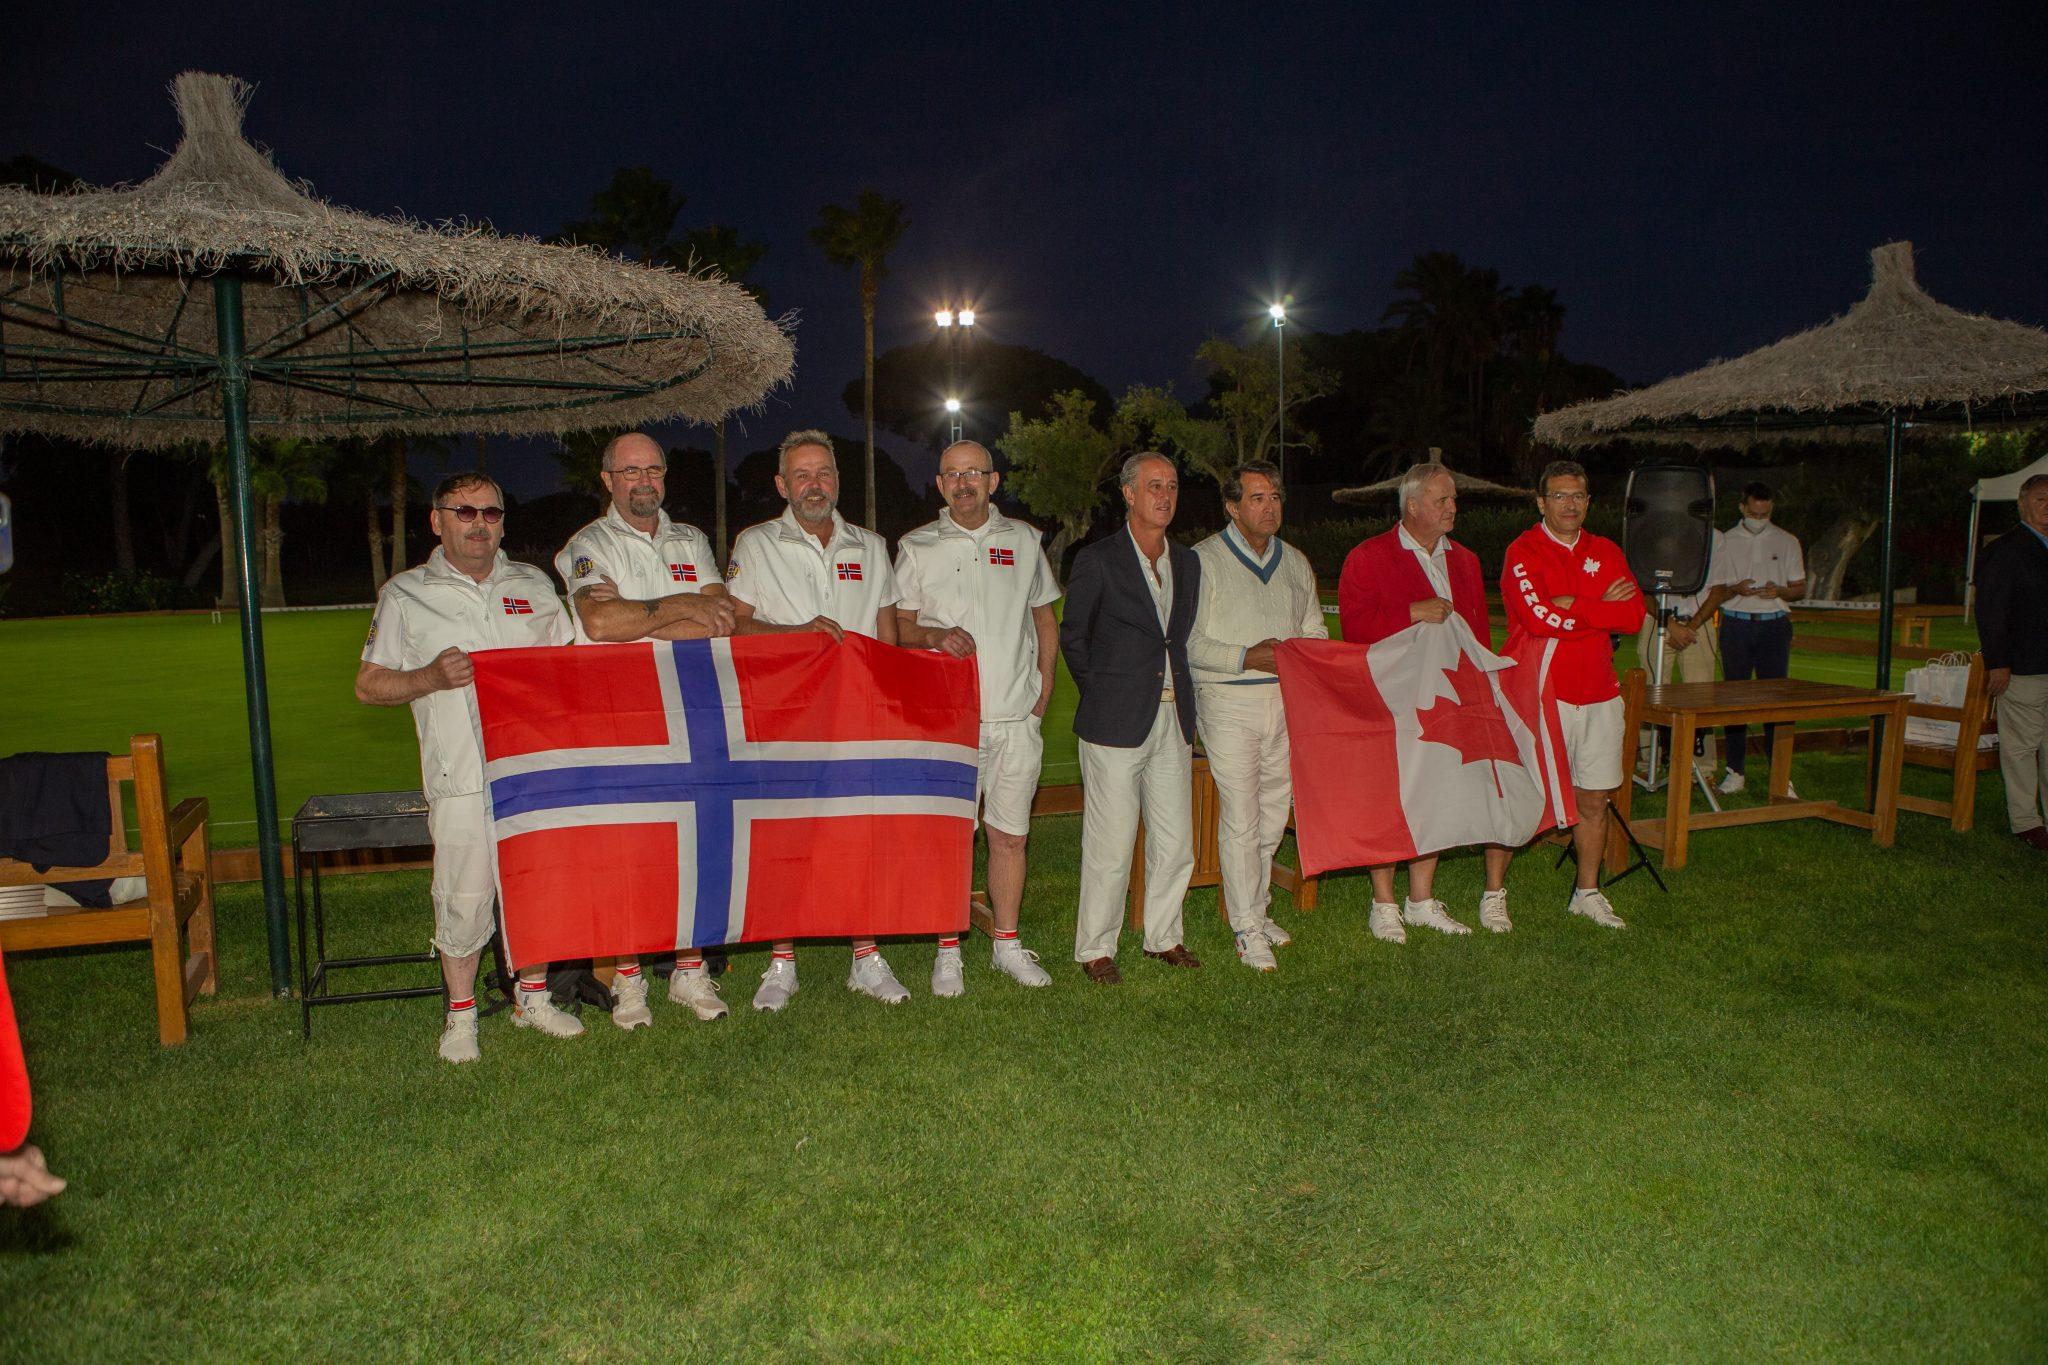 III Campeonato del Mundo de Croquet por Países - Real Novo Sancti Petri 123